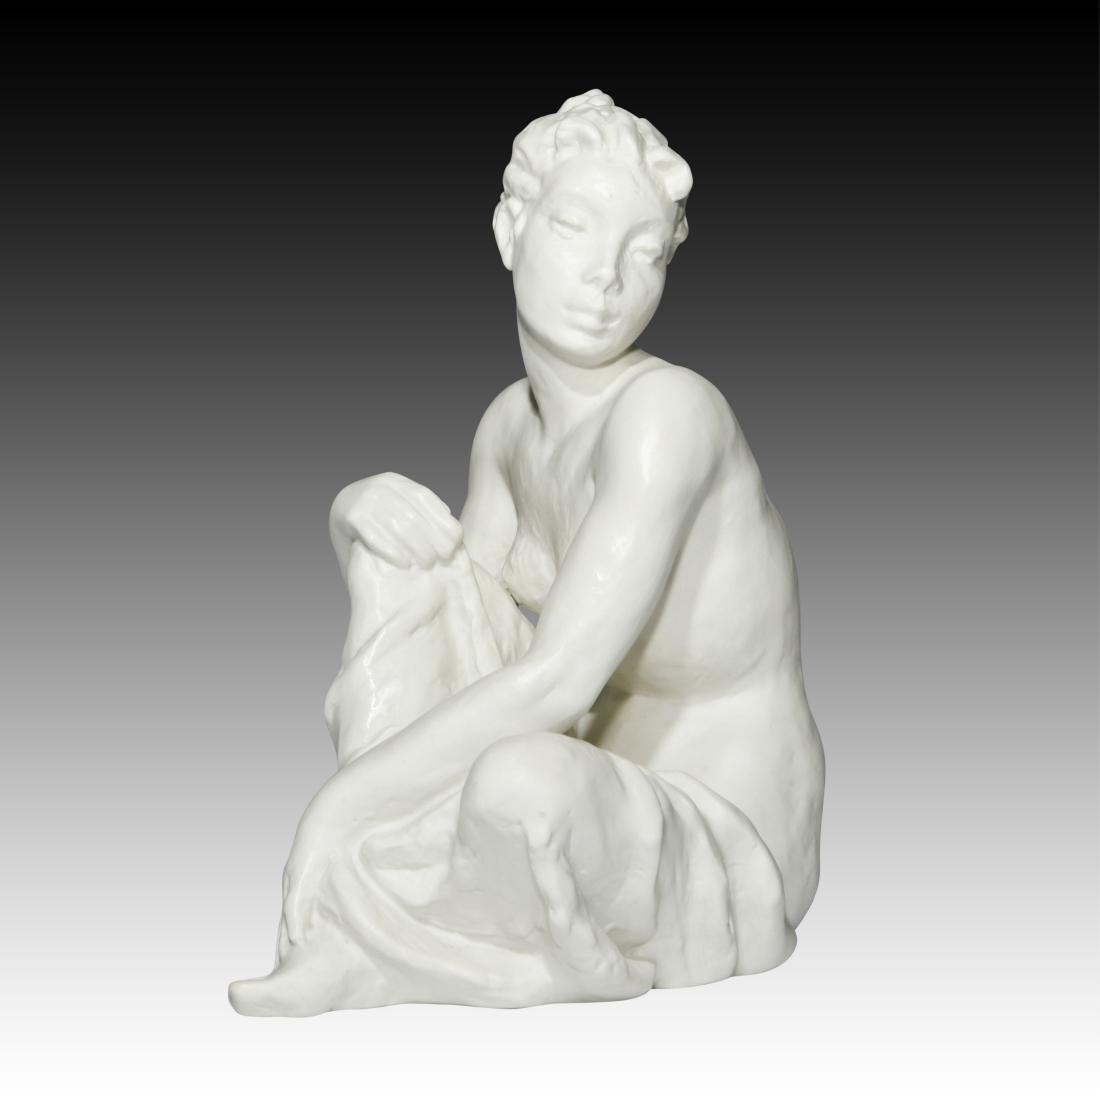 Rosenthal Nude Female Sitting on Floor Figurine